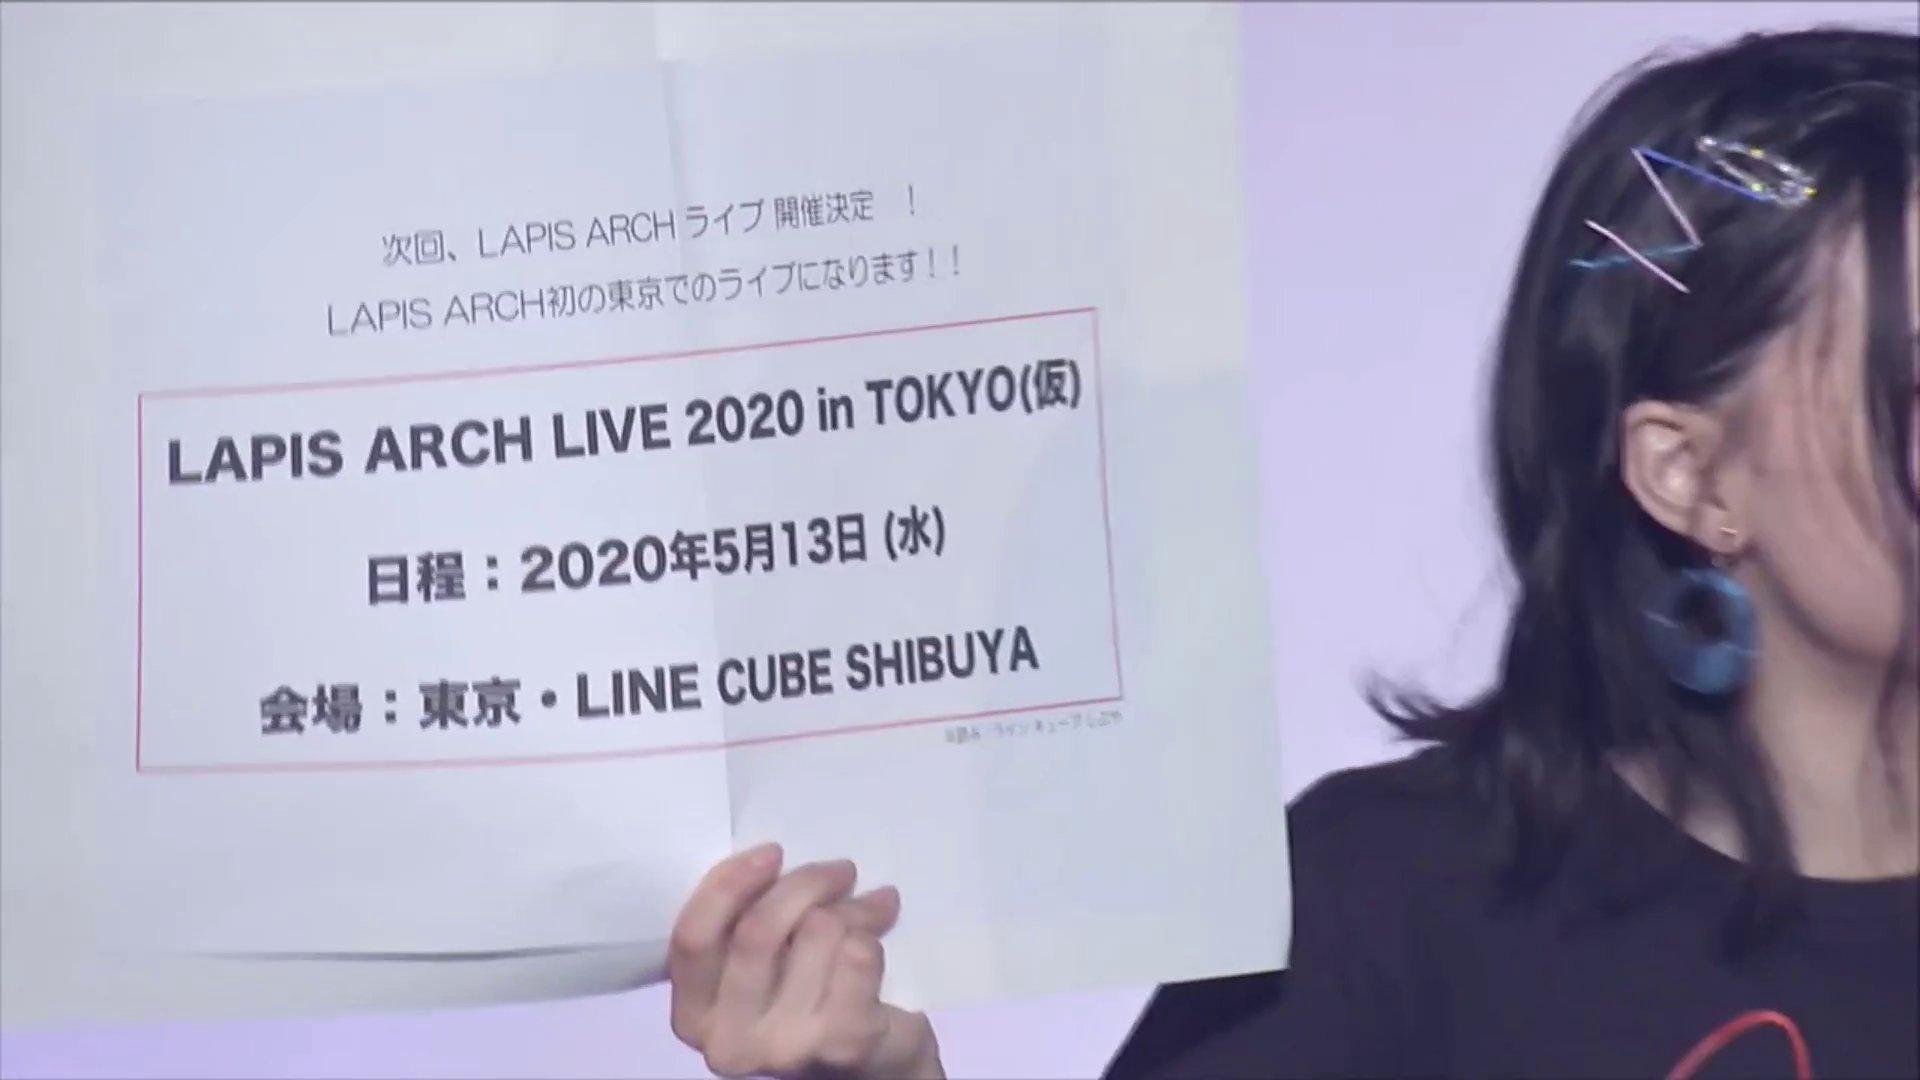 【NMB48】5/13にLAPIS ARCHが東京「LINE CUBE SHIBUYA」でライブ